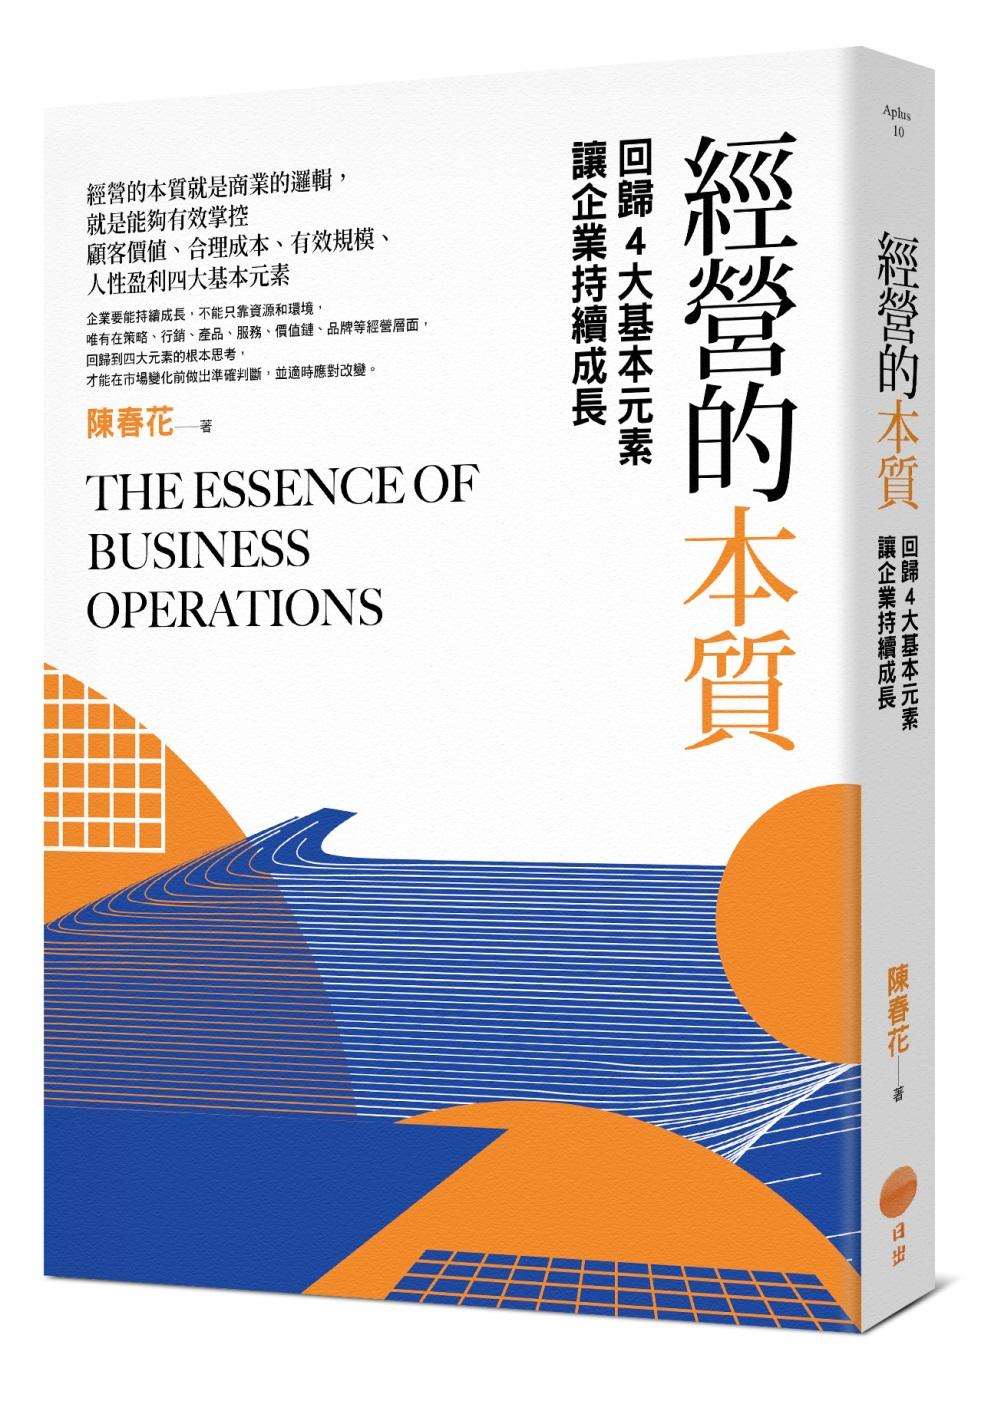 經營的本質:回歸4大基本元素讓企業持續成長